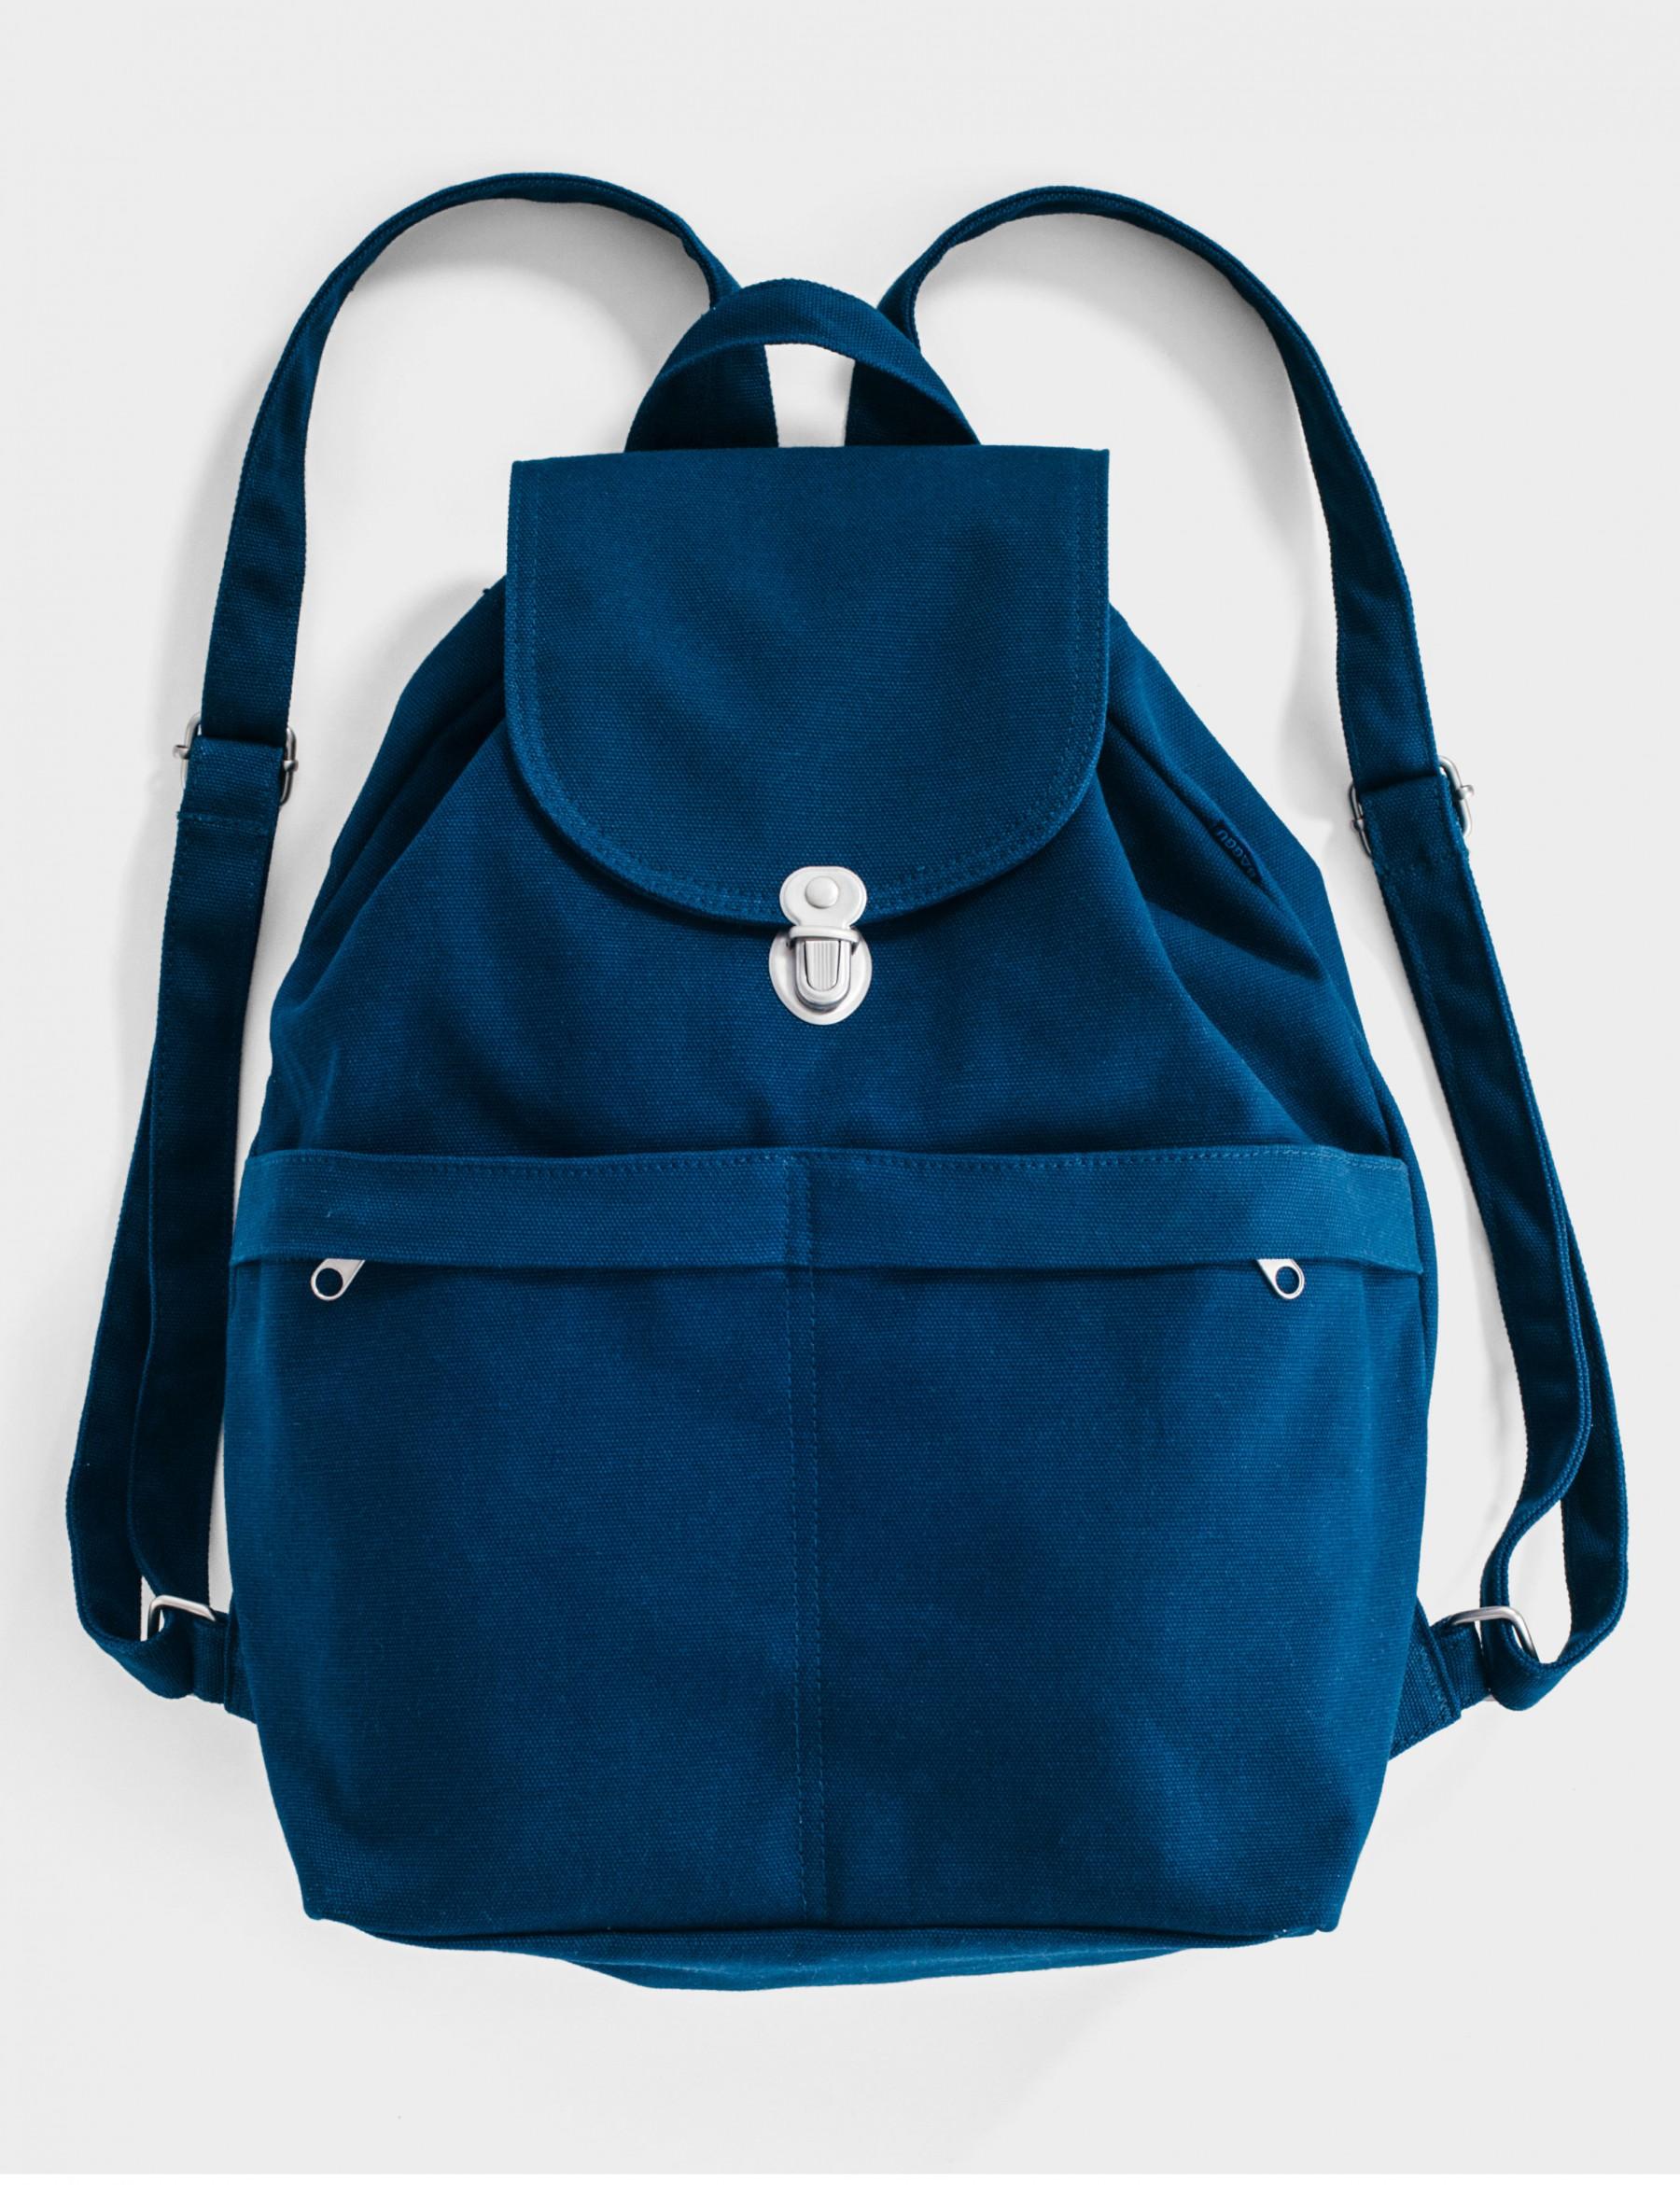 baggu_backpack_no_logo_0001_bkp4_idgo_0000_01_prod_0000.jpg